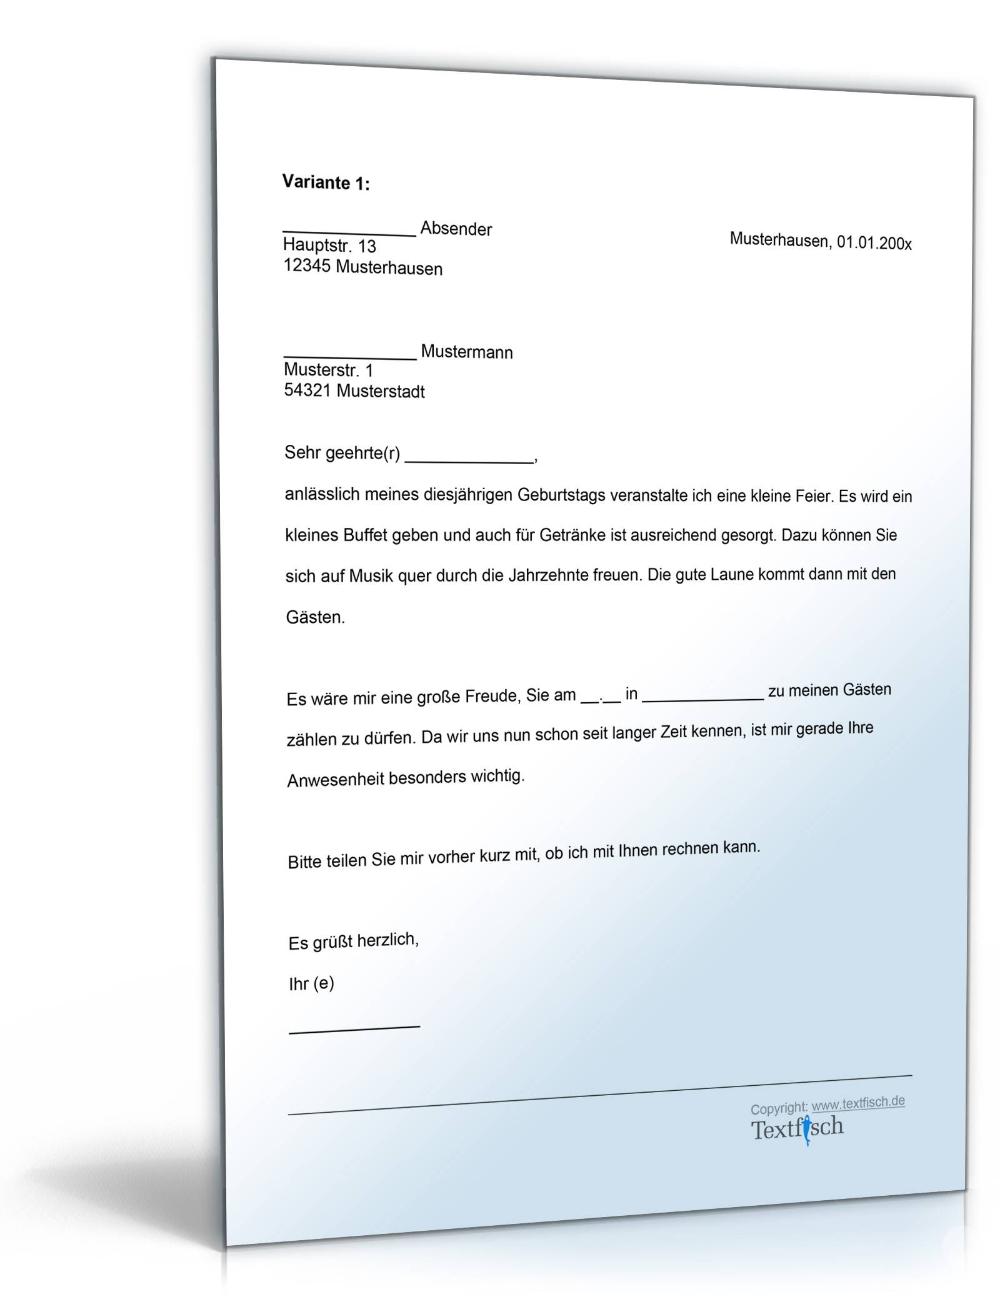 Einladung Zum Geburtstag Sms Einladungen Geburtstag In 2020 Einladung Geburtstag Geburtstag Sms Einladung Geburtstag Text